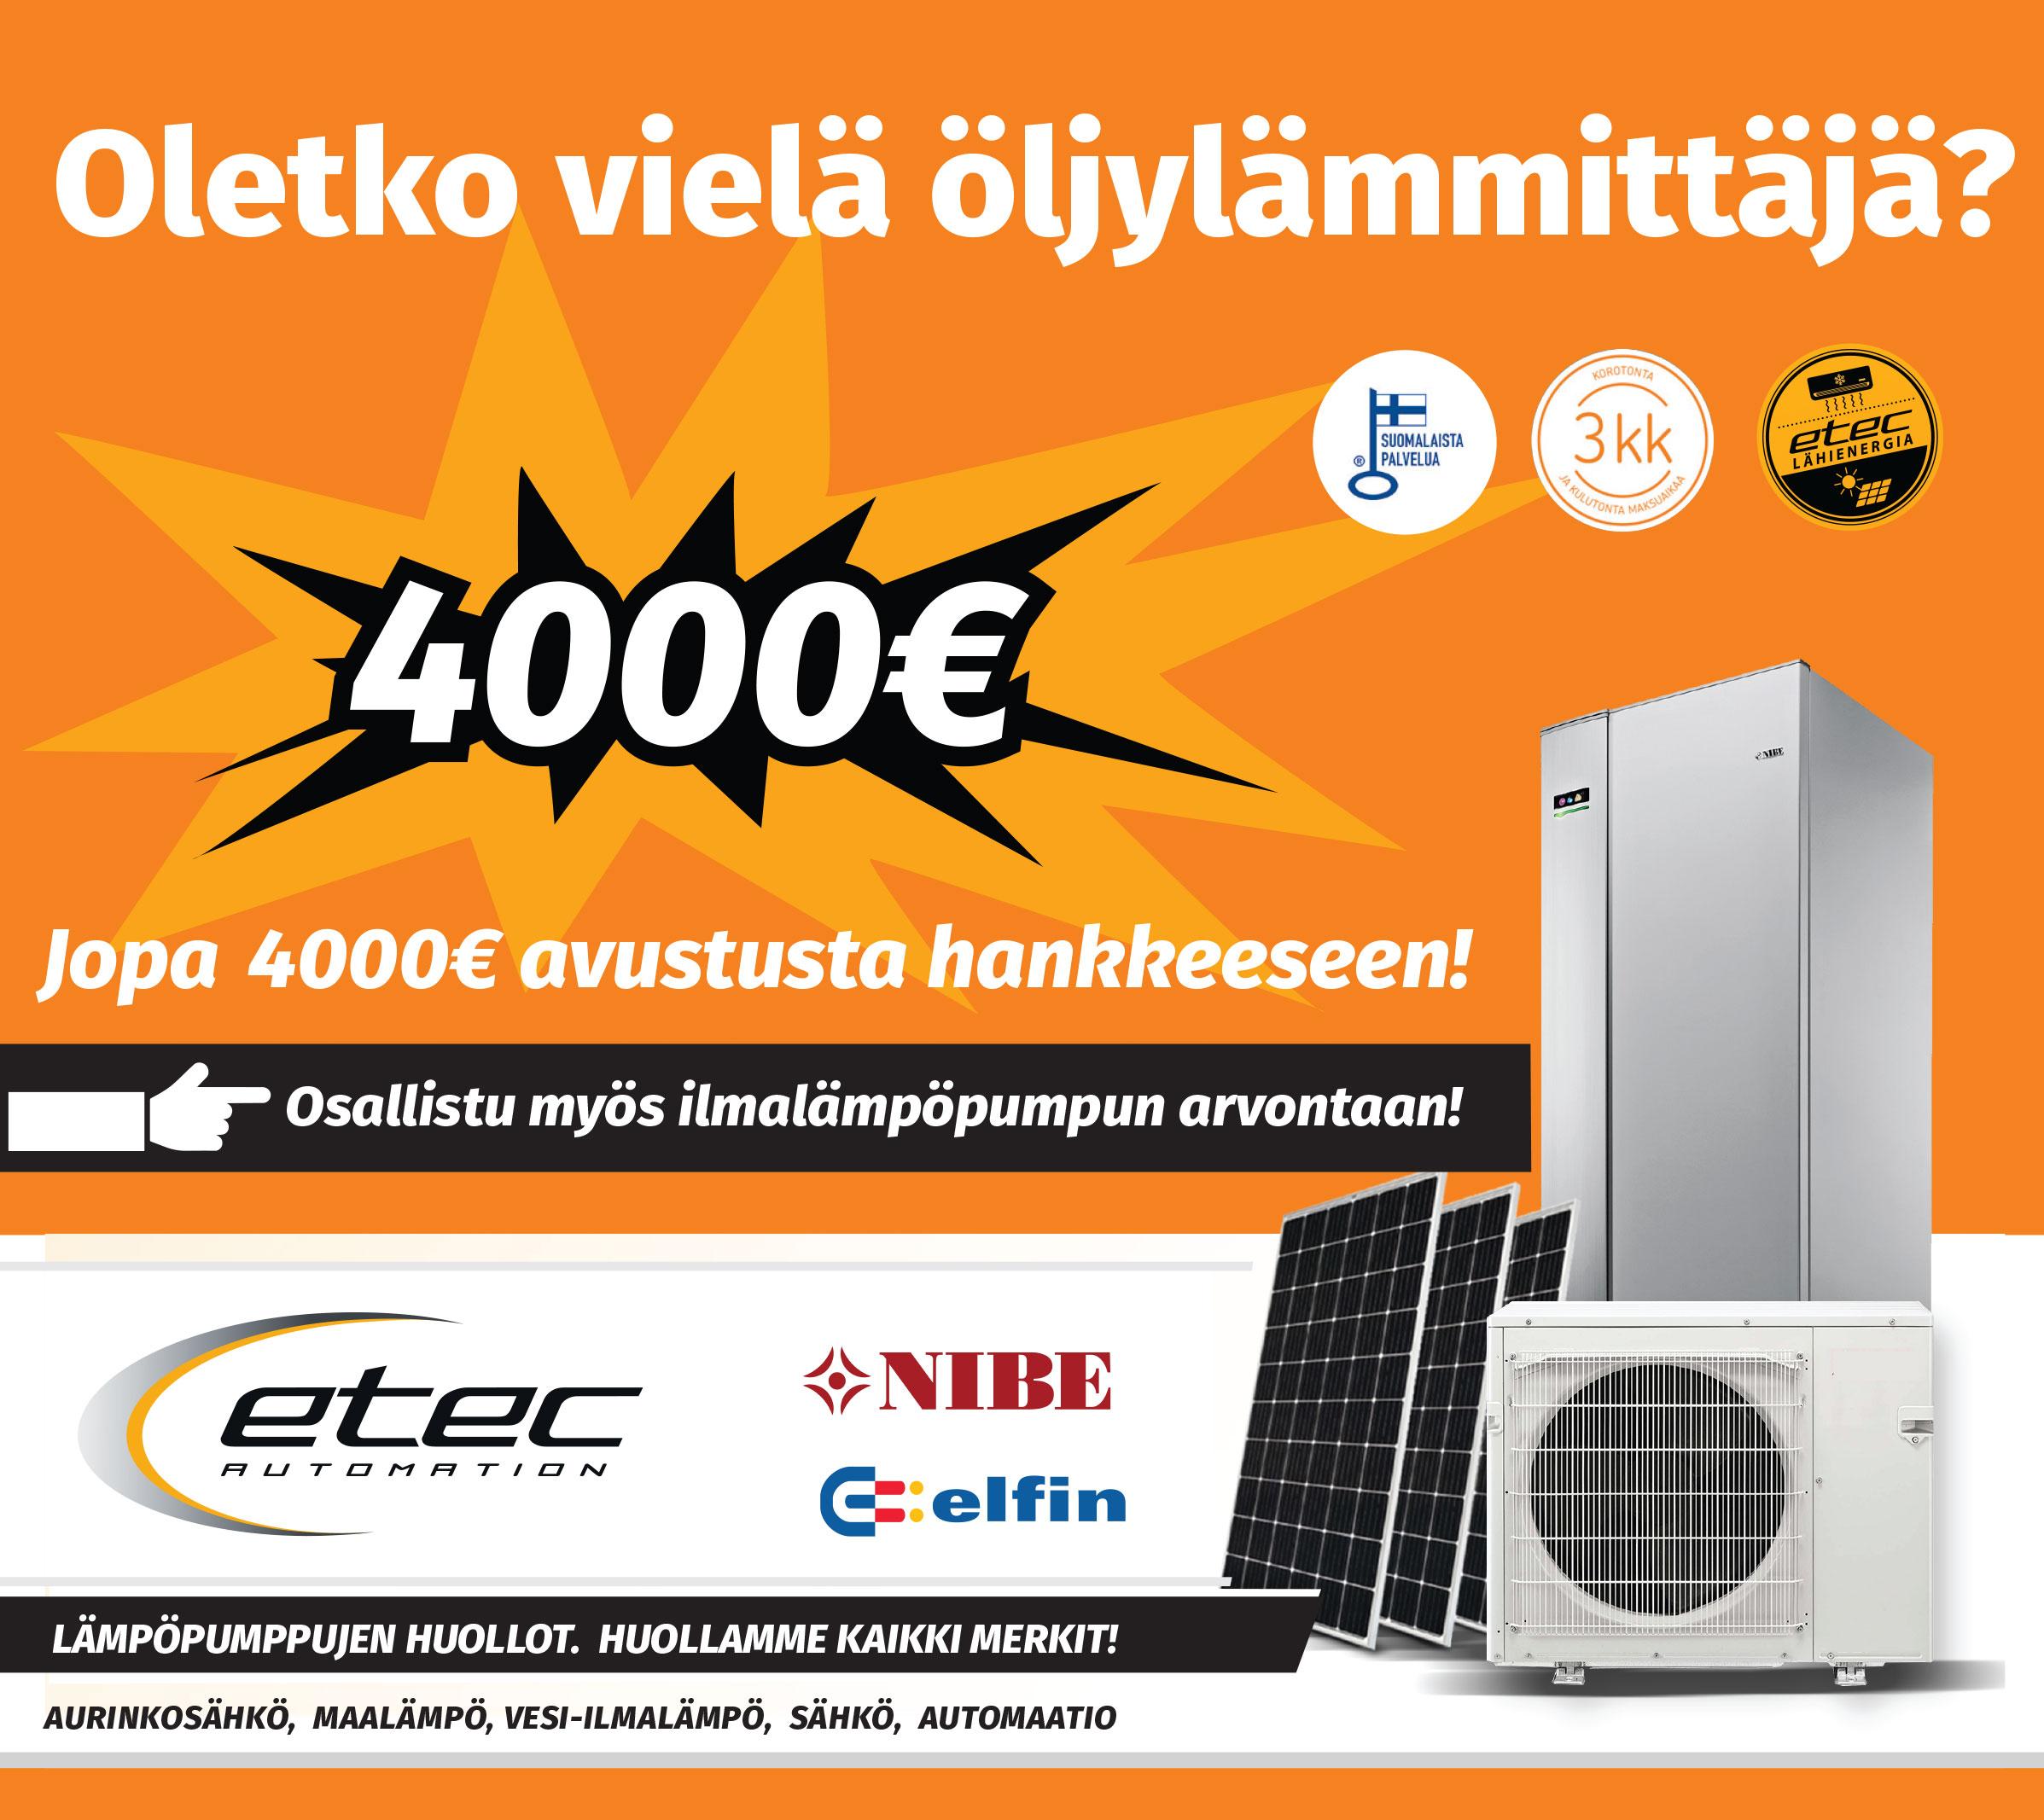 Etec_oljylammitys_verkkoon2